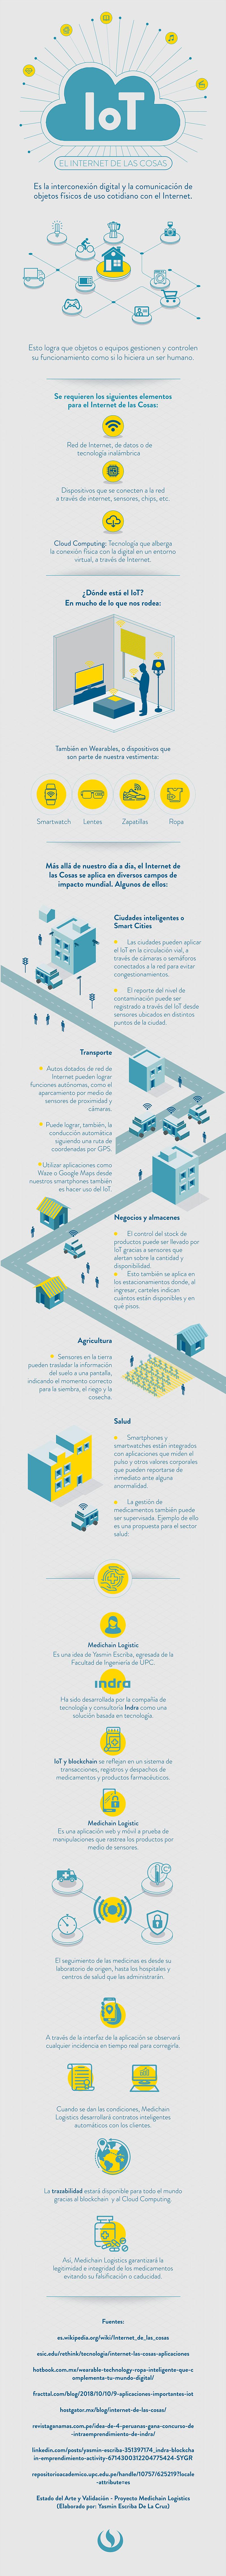 IoT: El Internet de las Cosas, el Internet del futuro 2